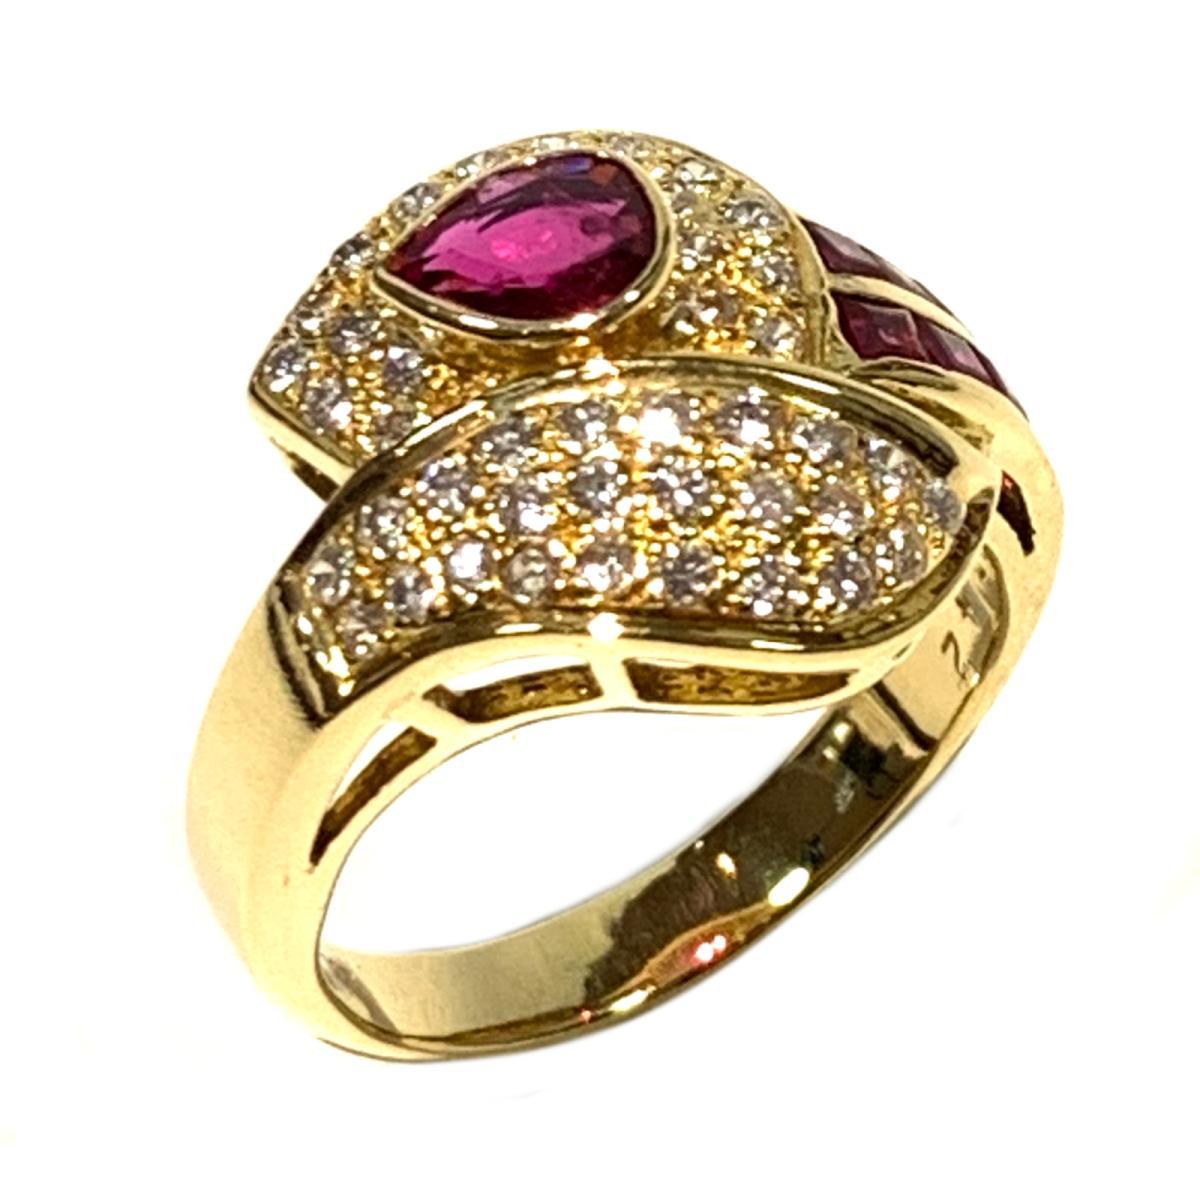 ジュエリー ダイヤモンド ルビー リング 指輪 レディース 18K x ダイヤモンド0.42 ルビー0.60ct クリアー レッド ゴールド | JEWELRY BRANDOFF ブランドオフ ブランド アクセサリー:Brandoff銀座